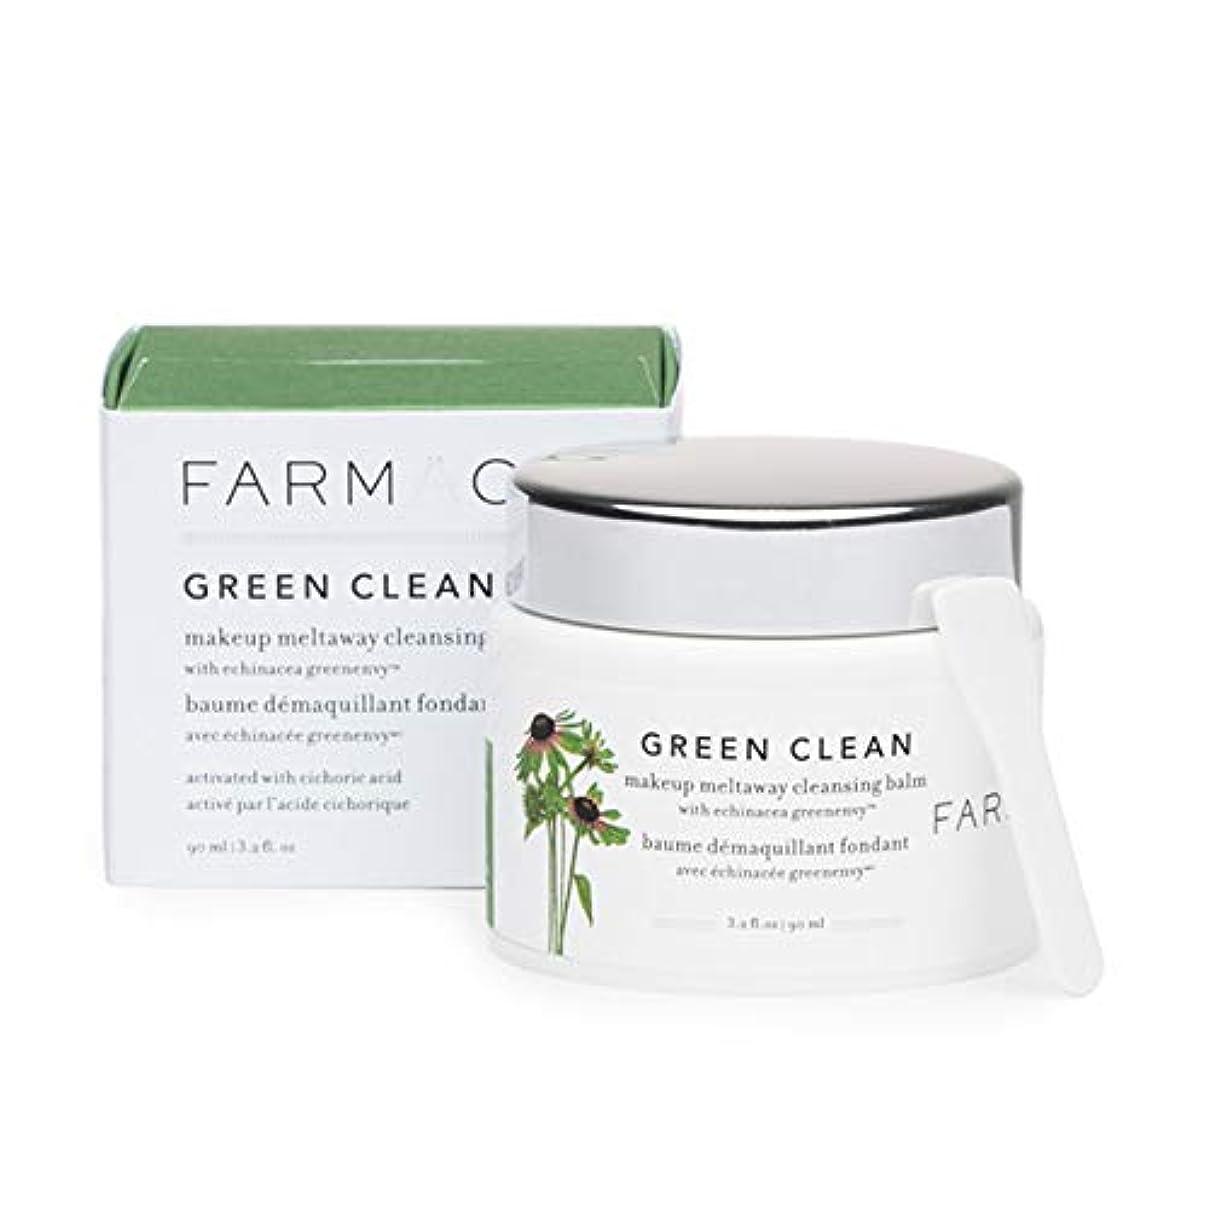 管理建物差別化する[FARMACY] GREEN CLEAN 90ml / ファーマシーグリーンクリーン 90ml [並行輸入品]